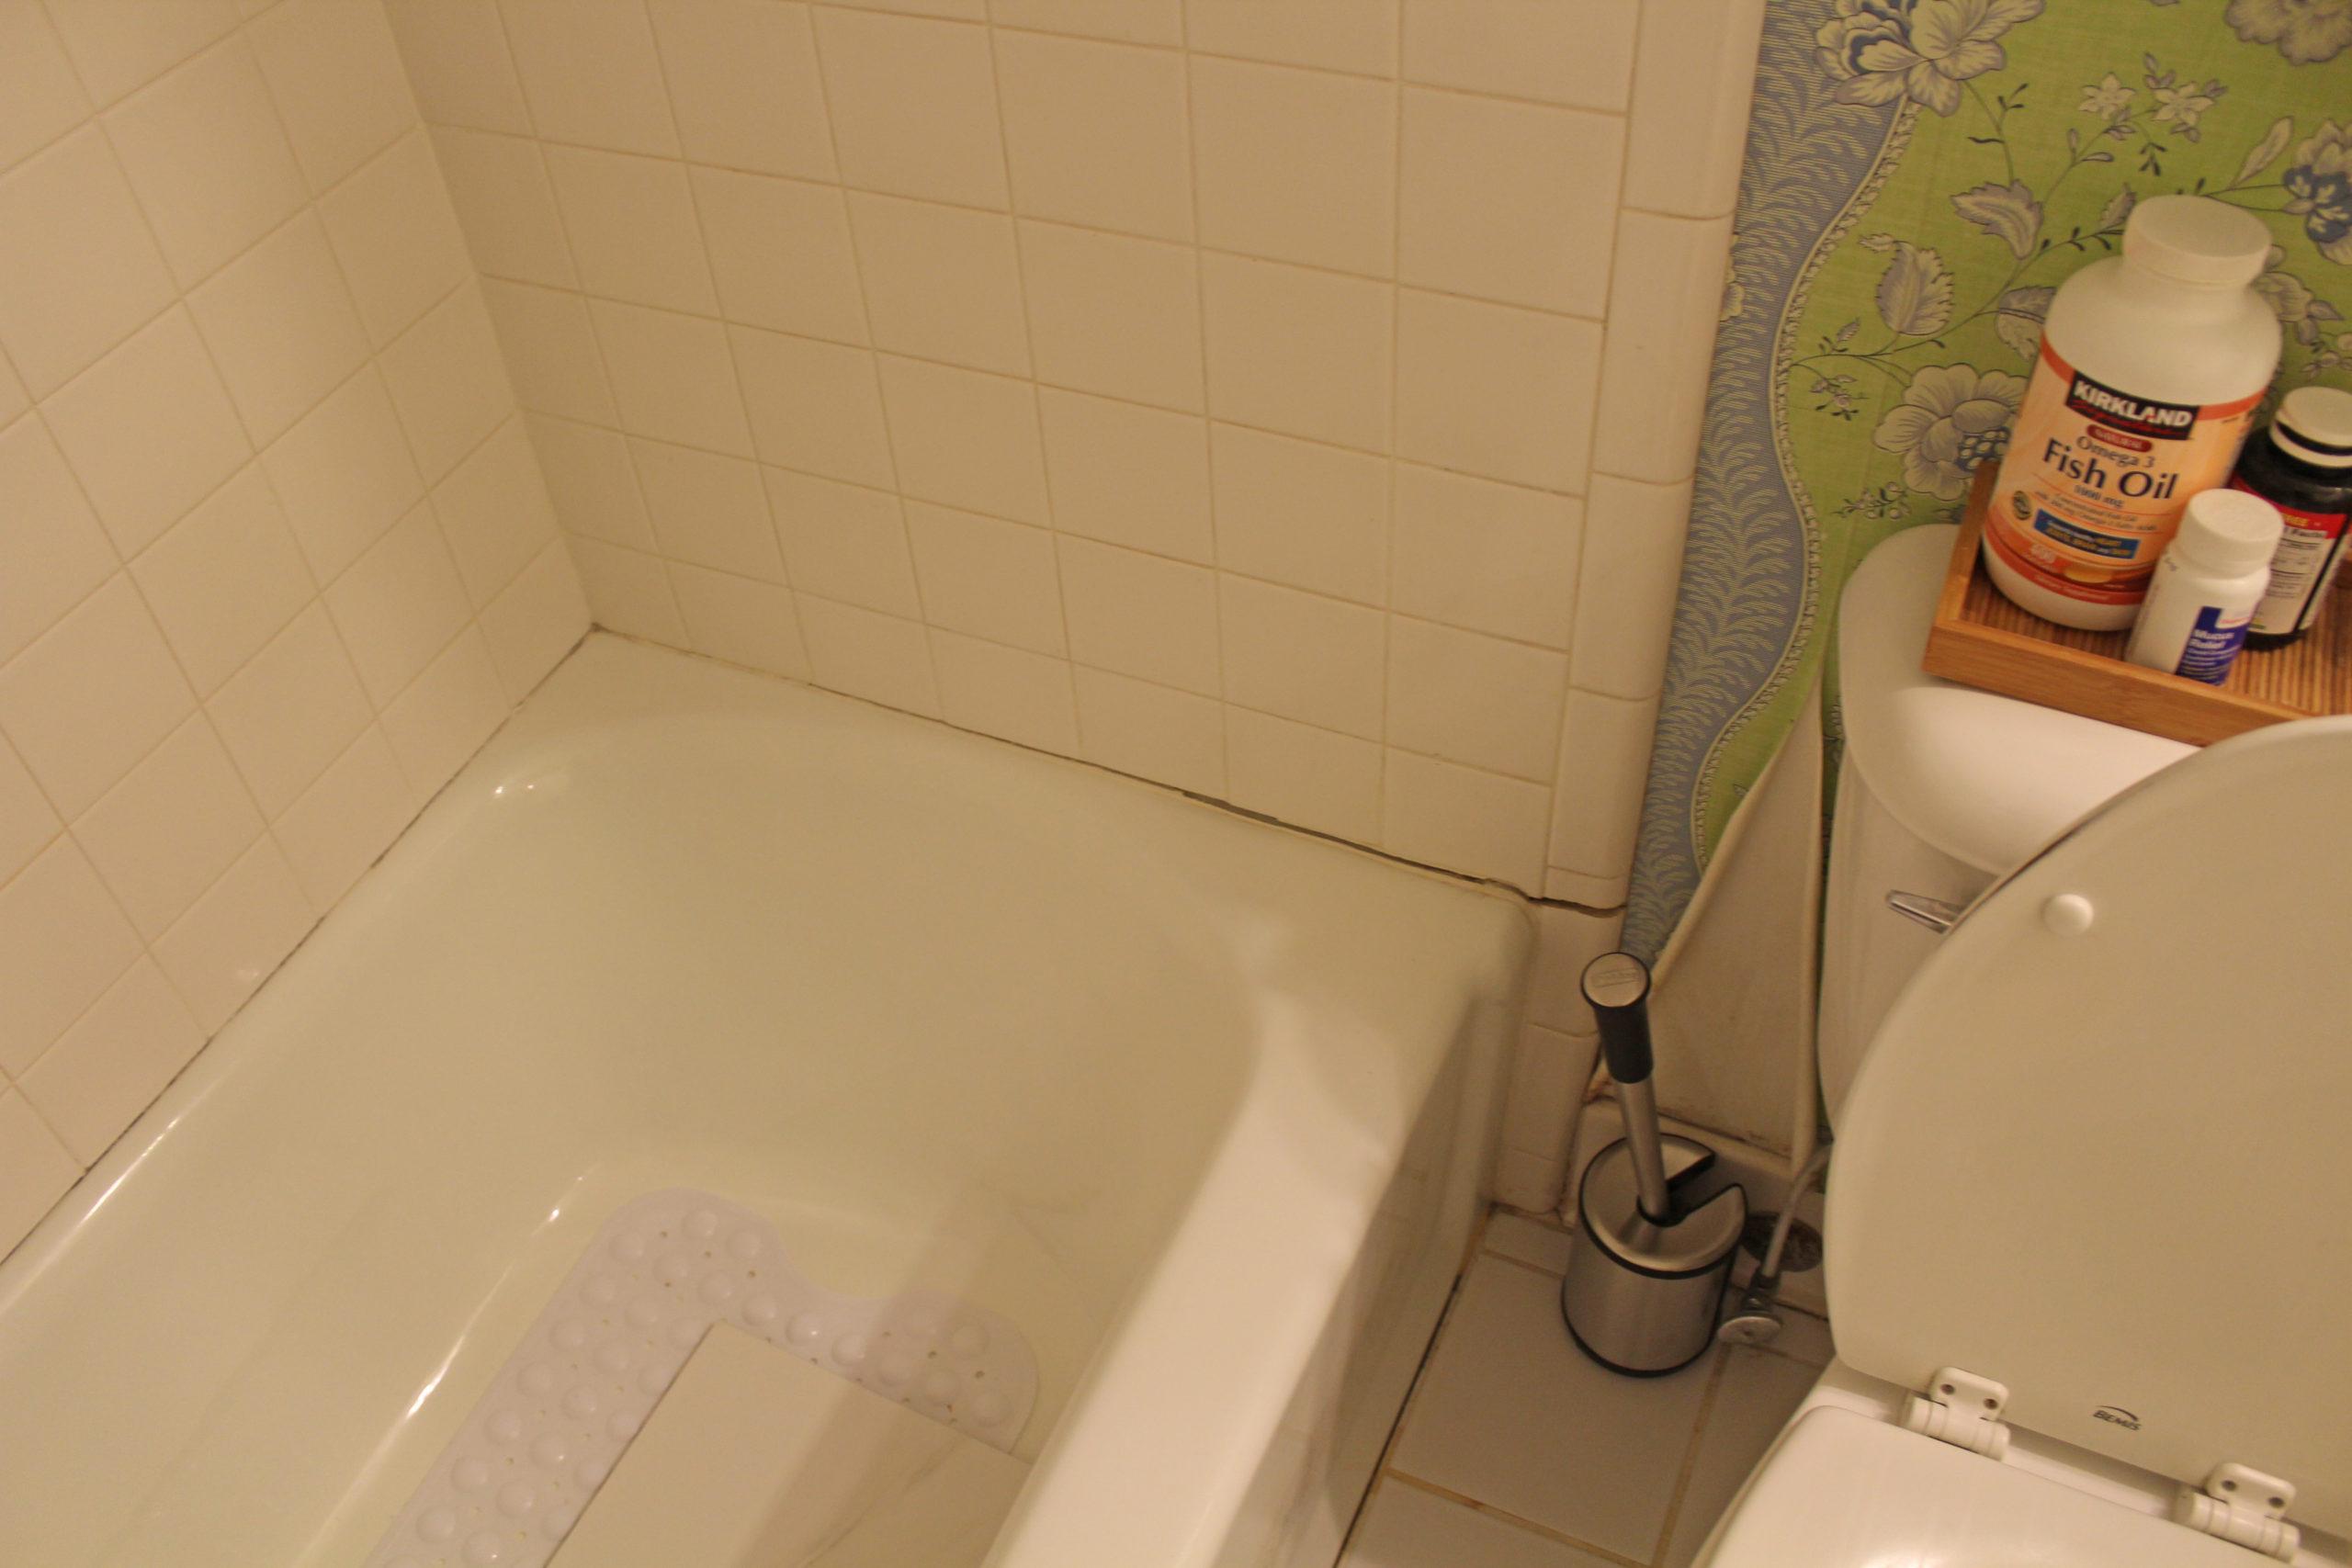 bathroom-remodeling-work-TAG-Builders-212-MG-Remodel-ba-7-scaled